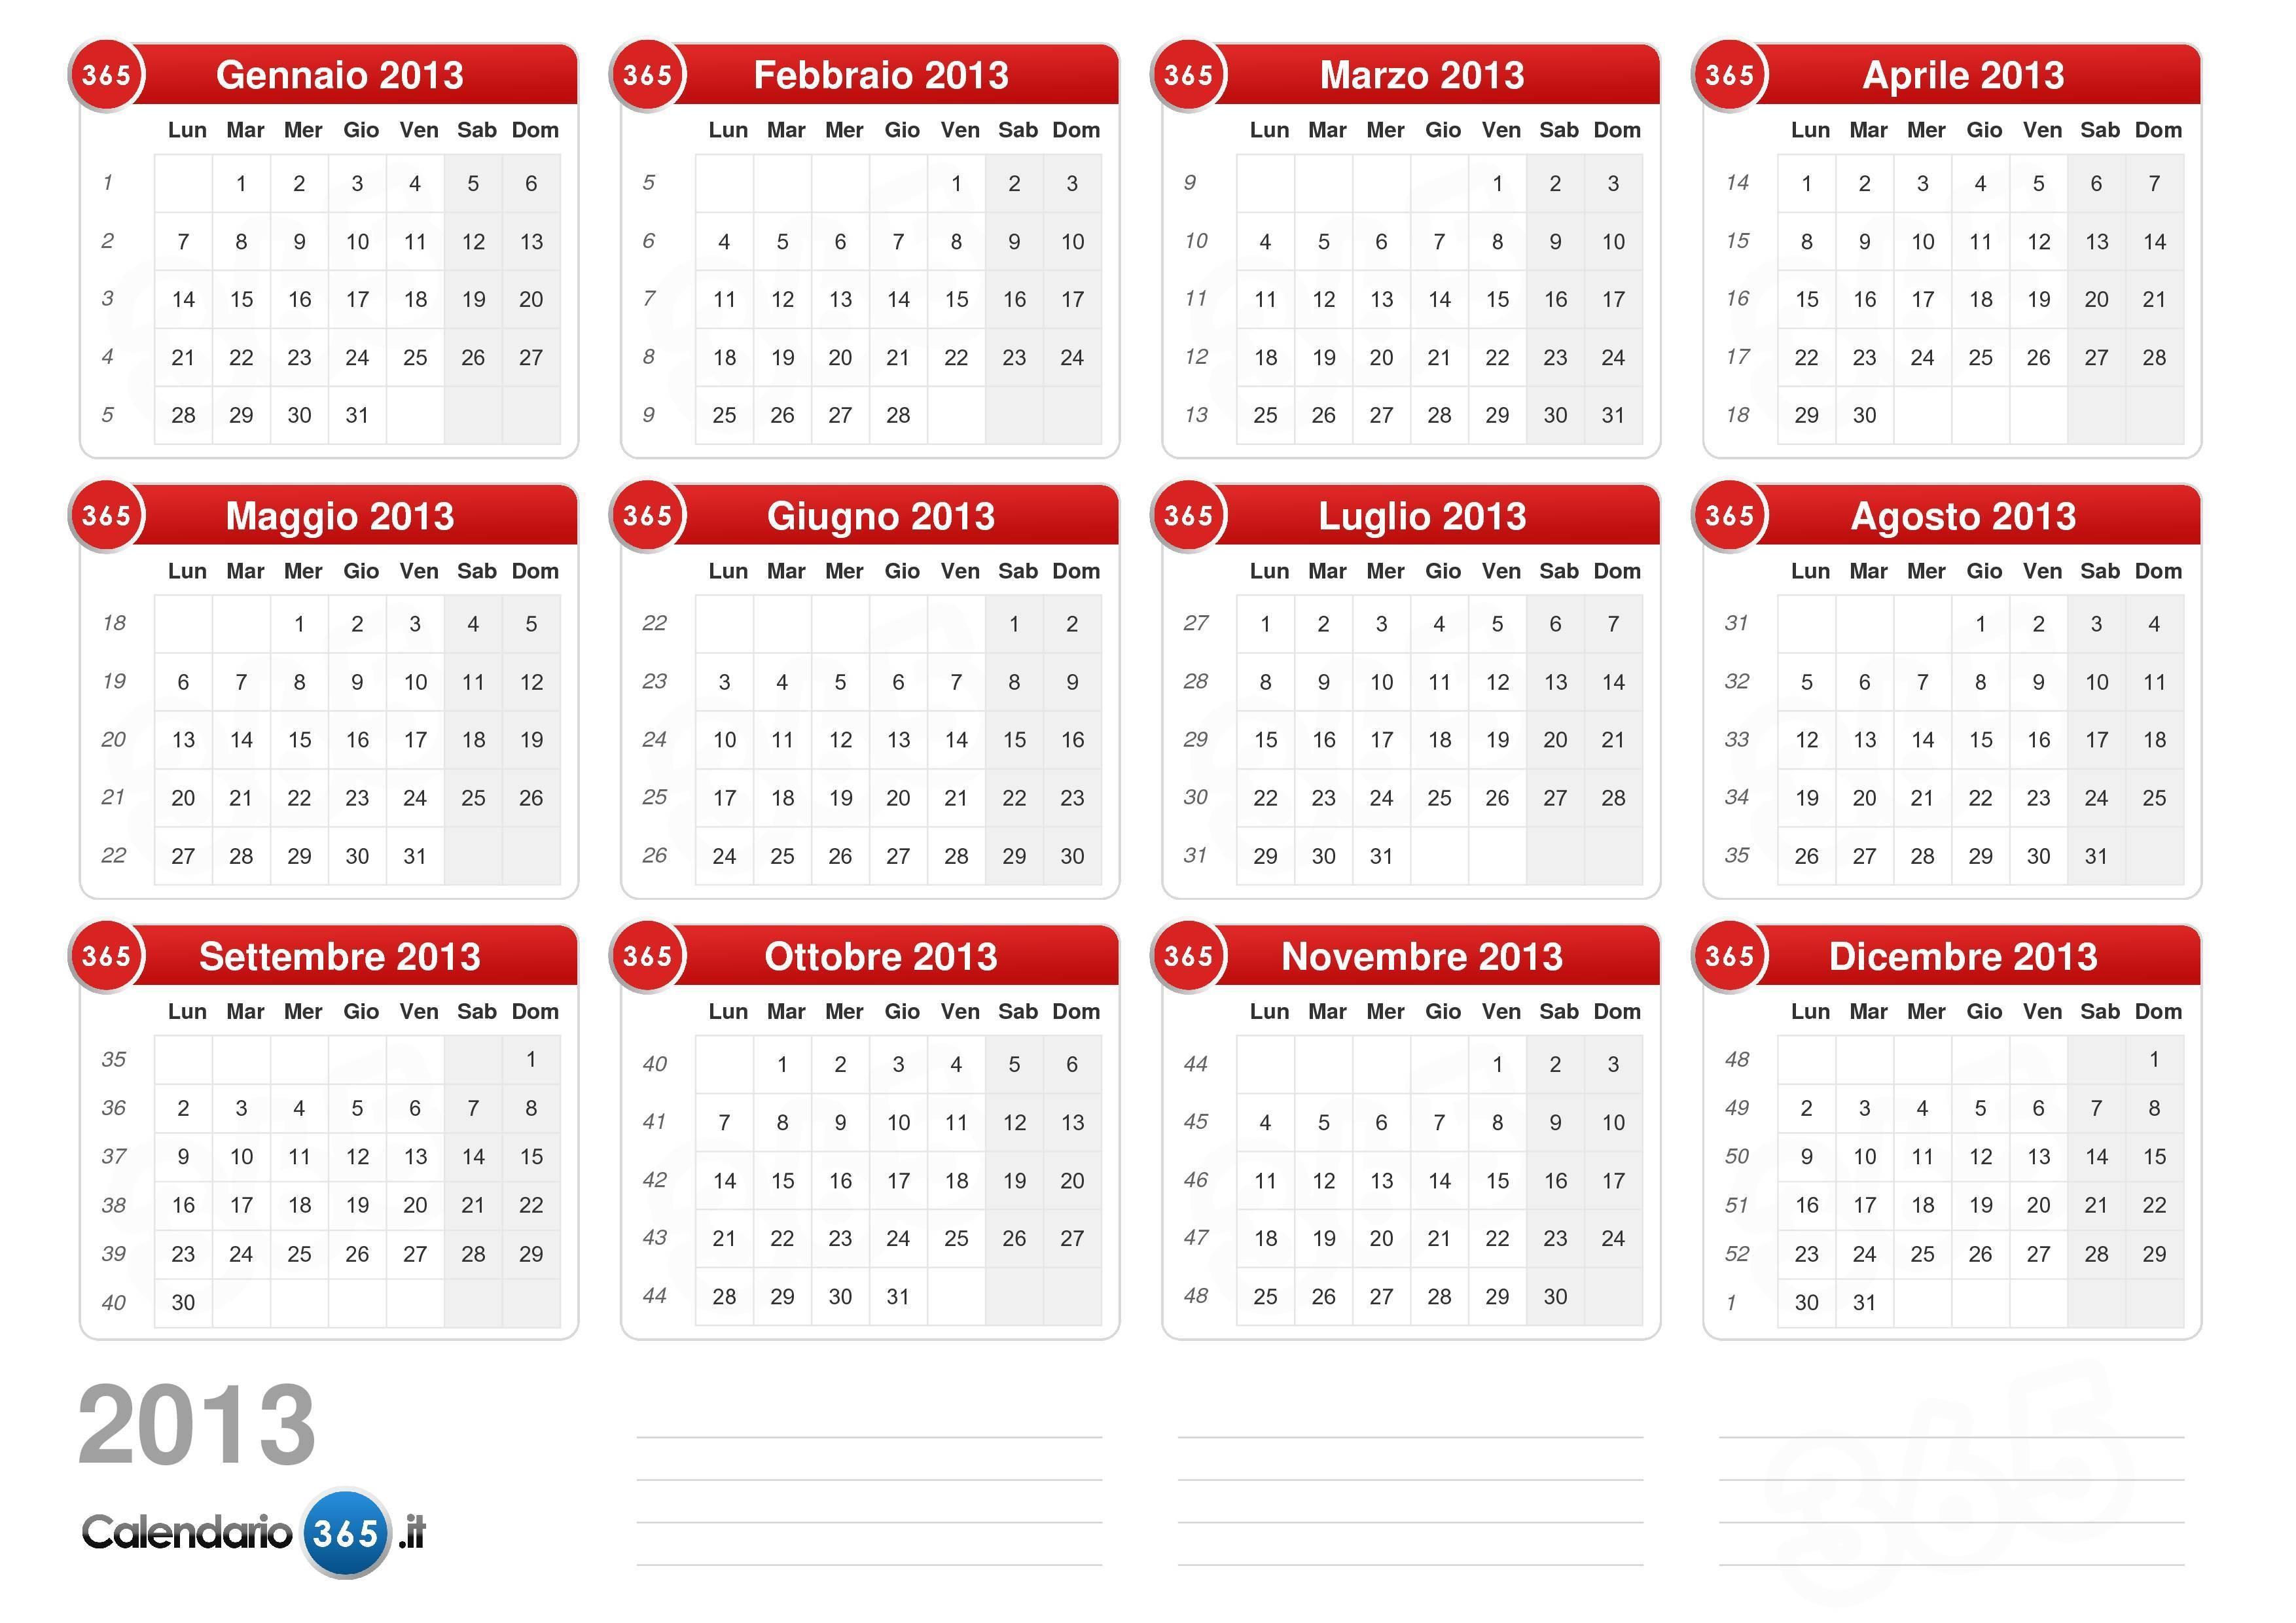 Calendario 2013 v2